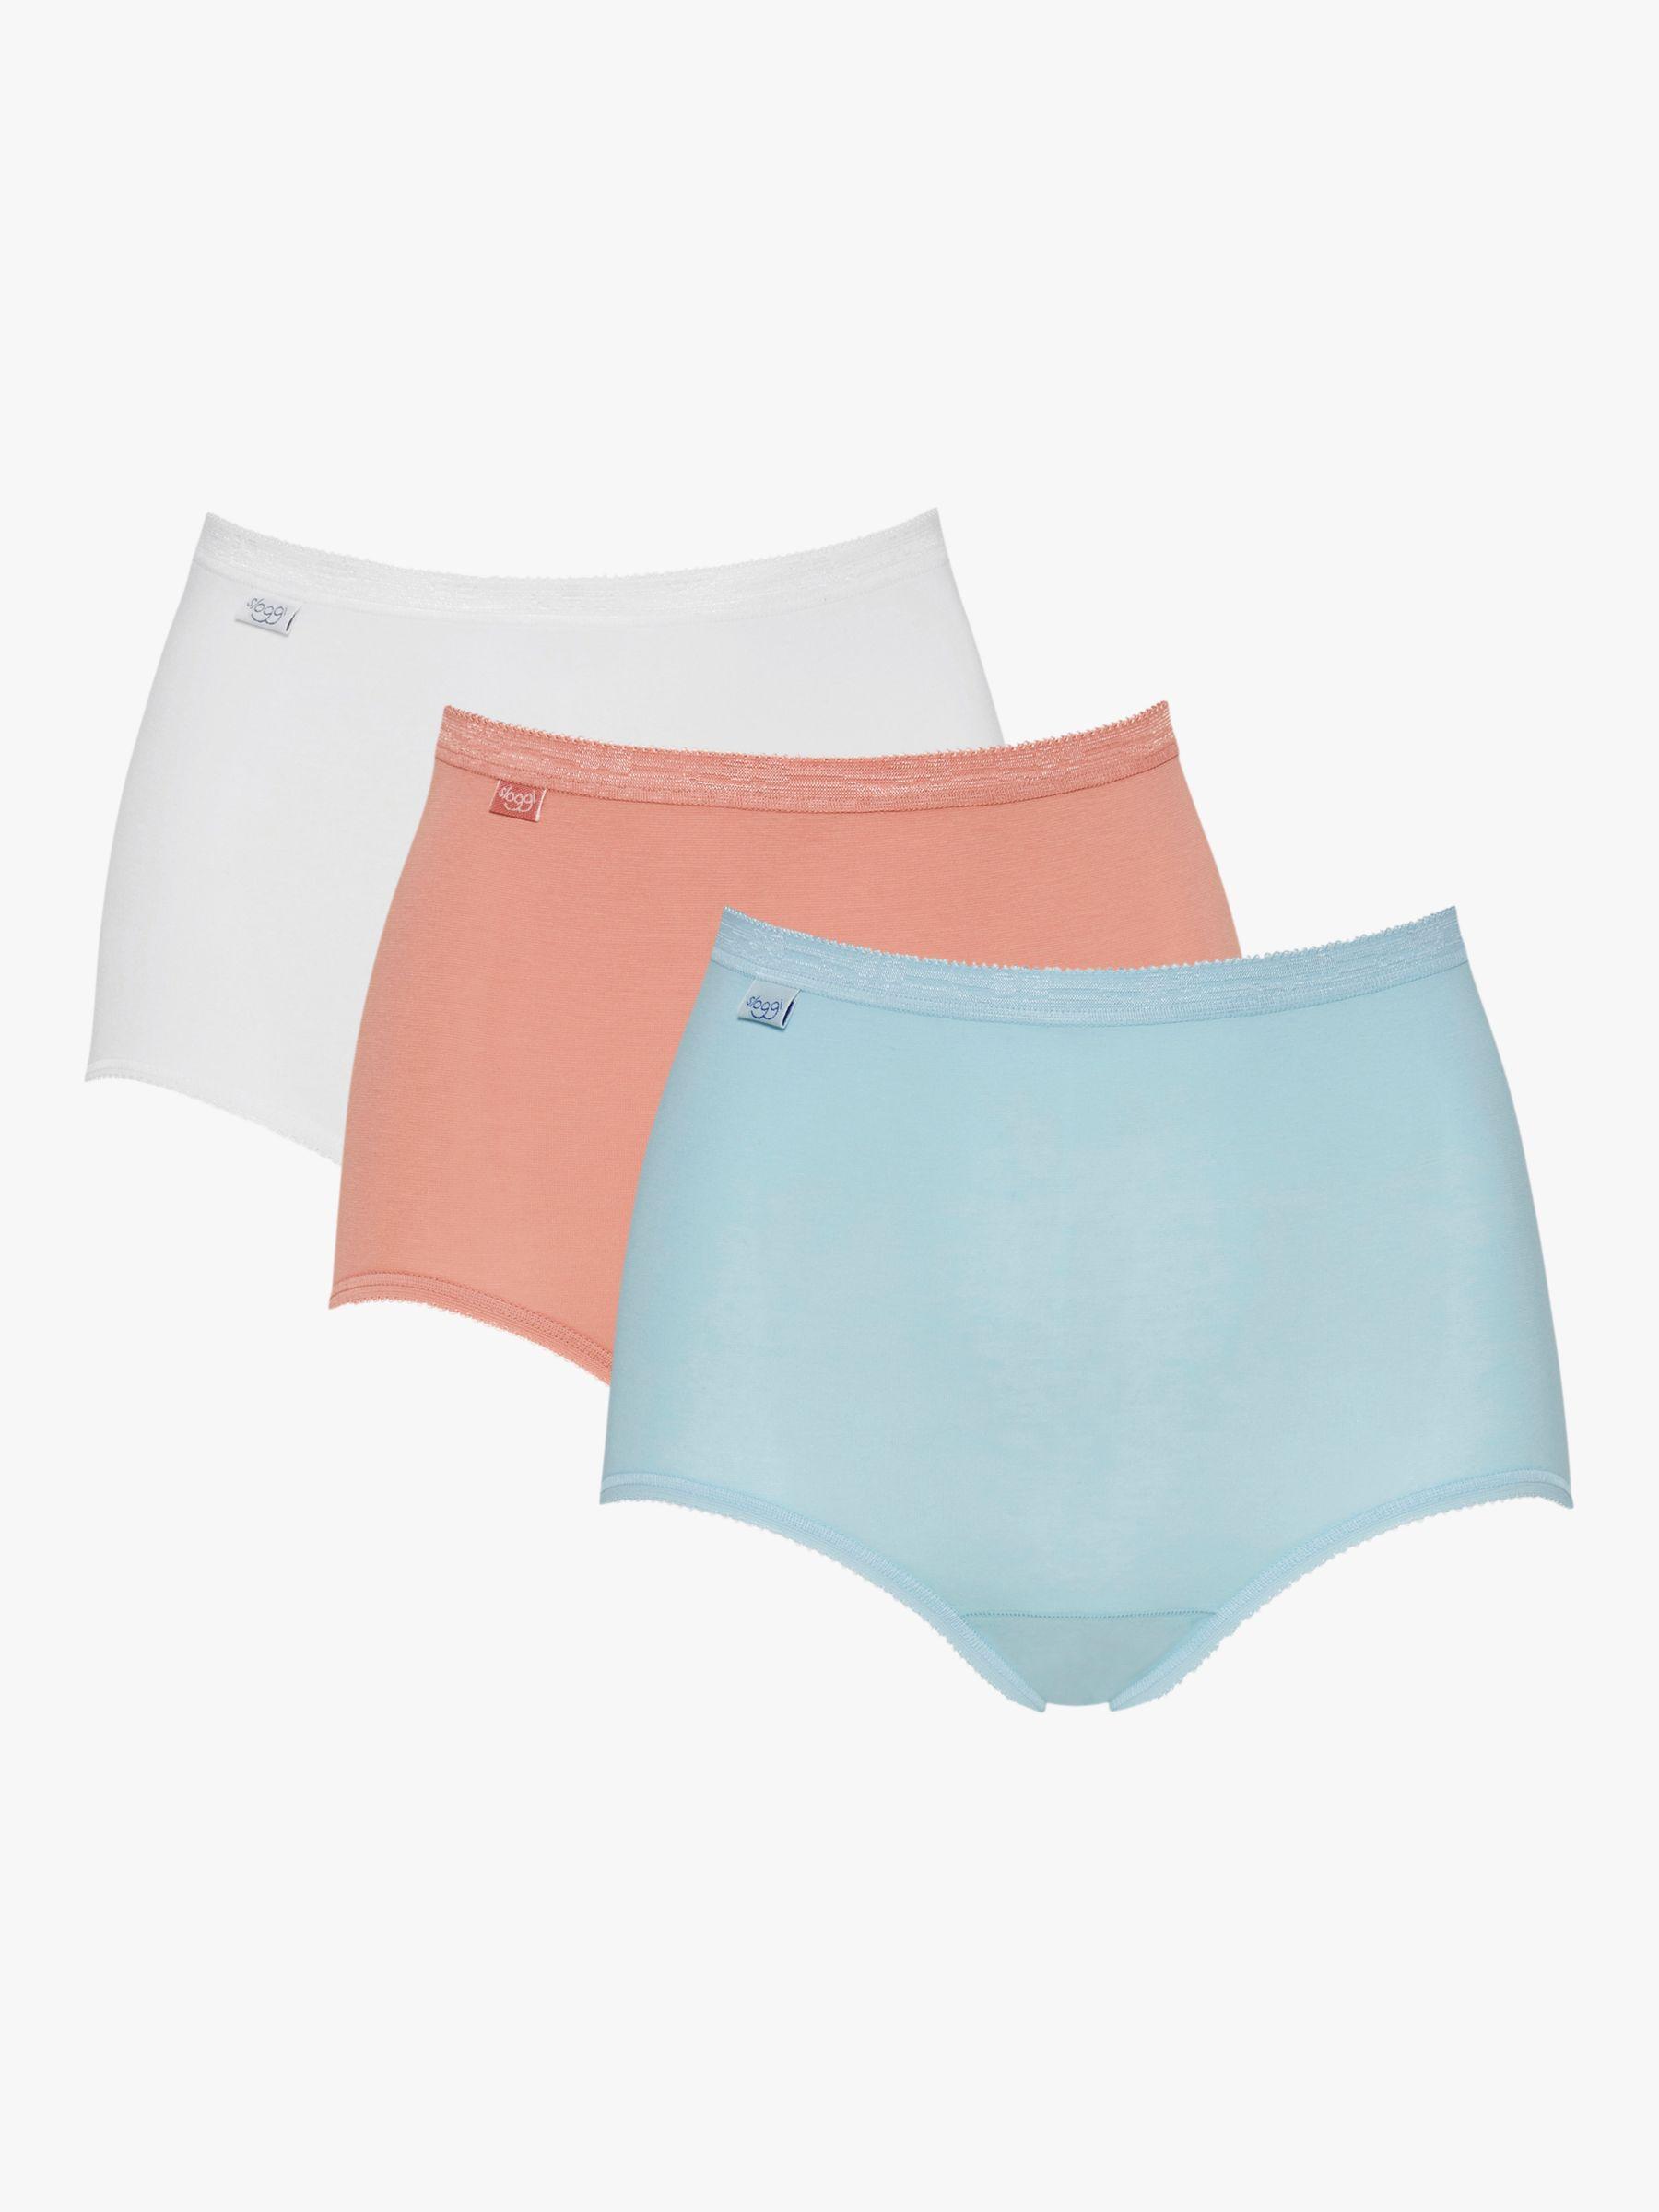 Sloggi sloggi 3 Pack Maxi Pants, Multi